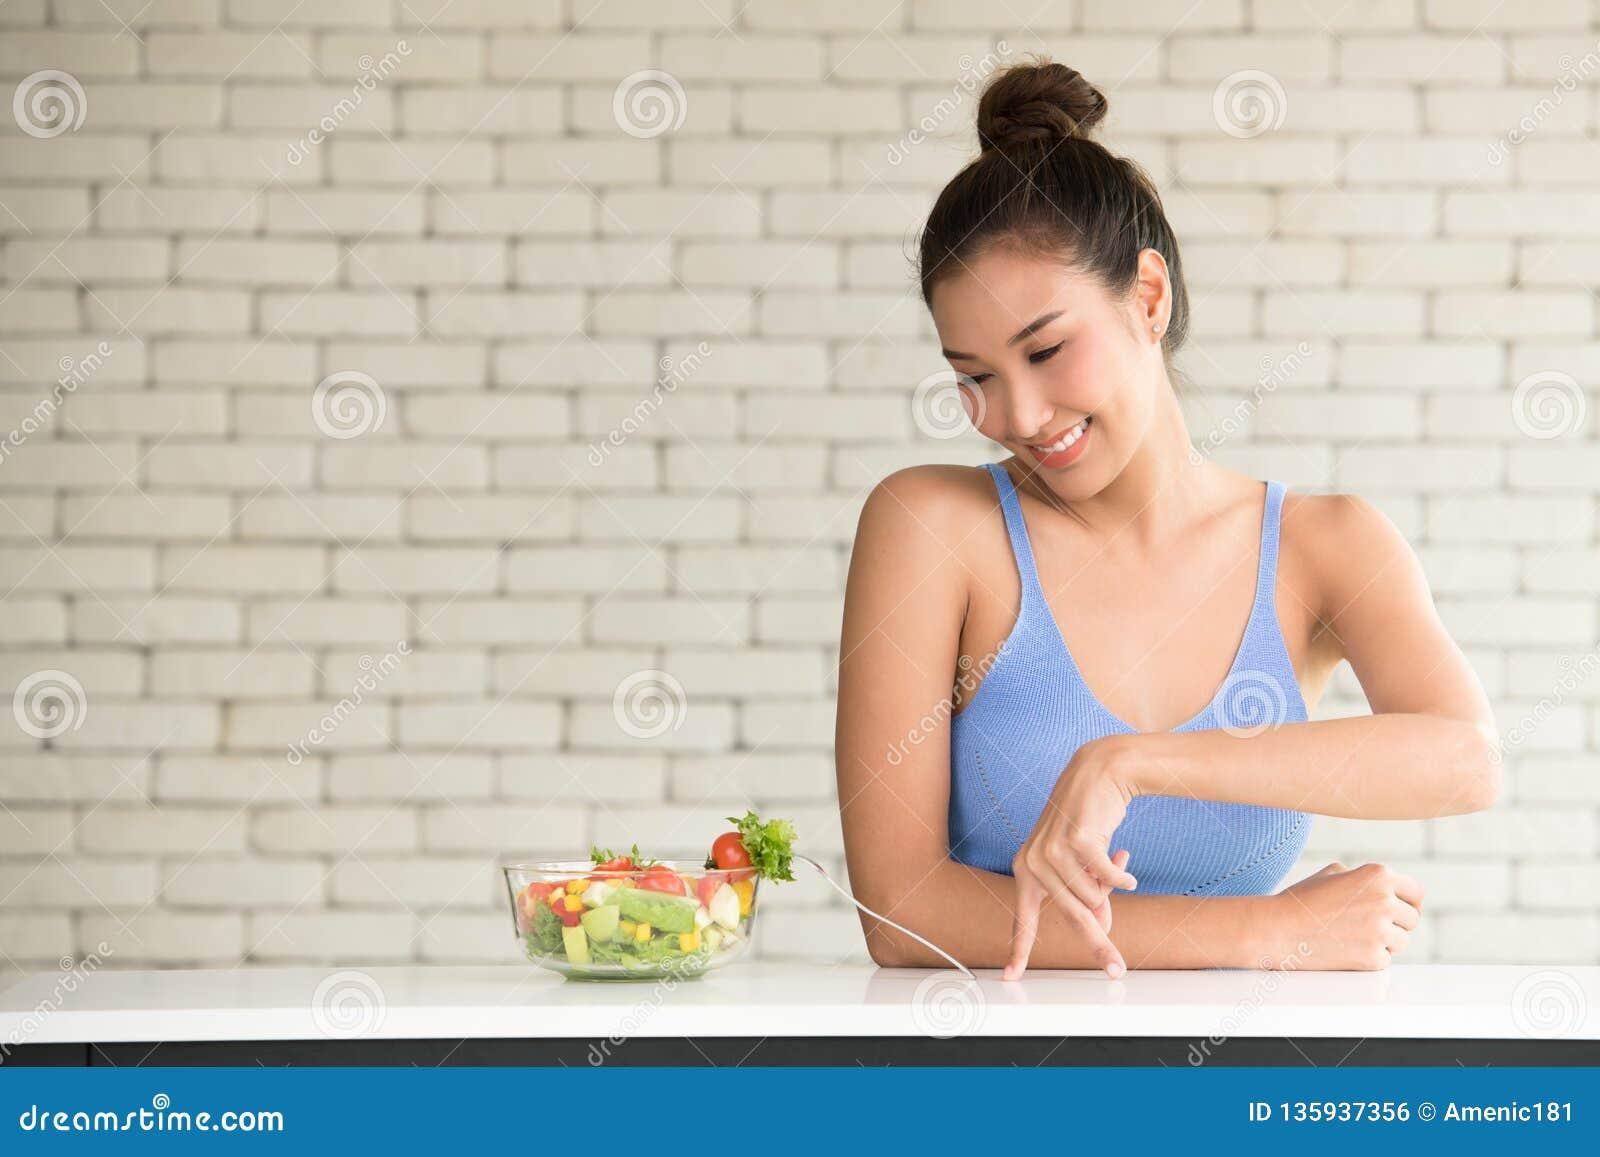 Aziatische vrouw in blije houdingen met saladekom aan de kant